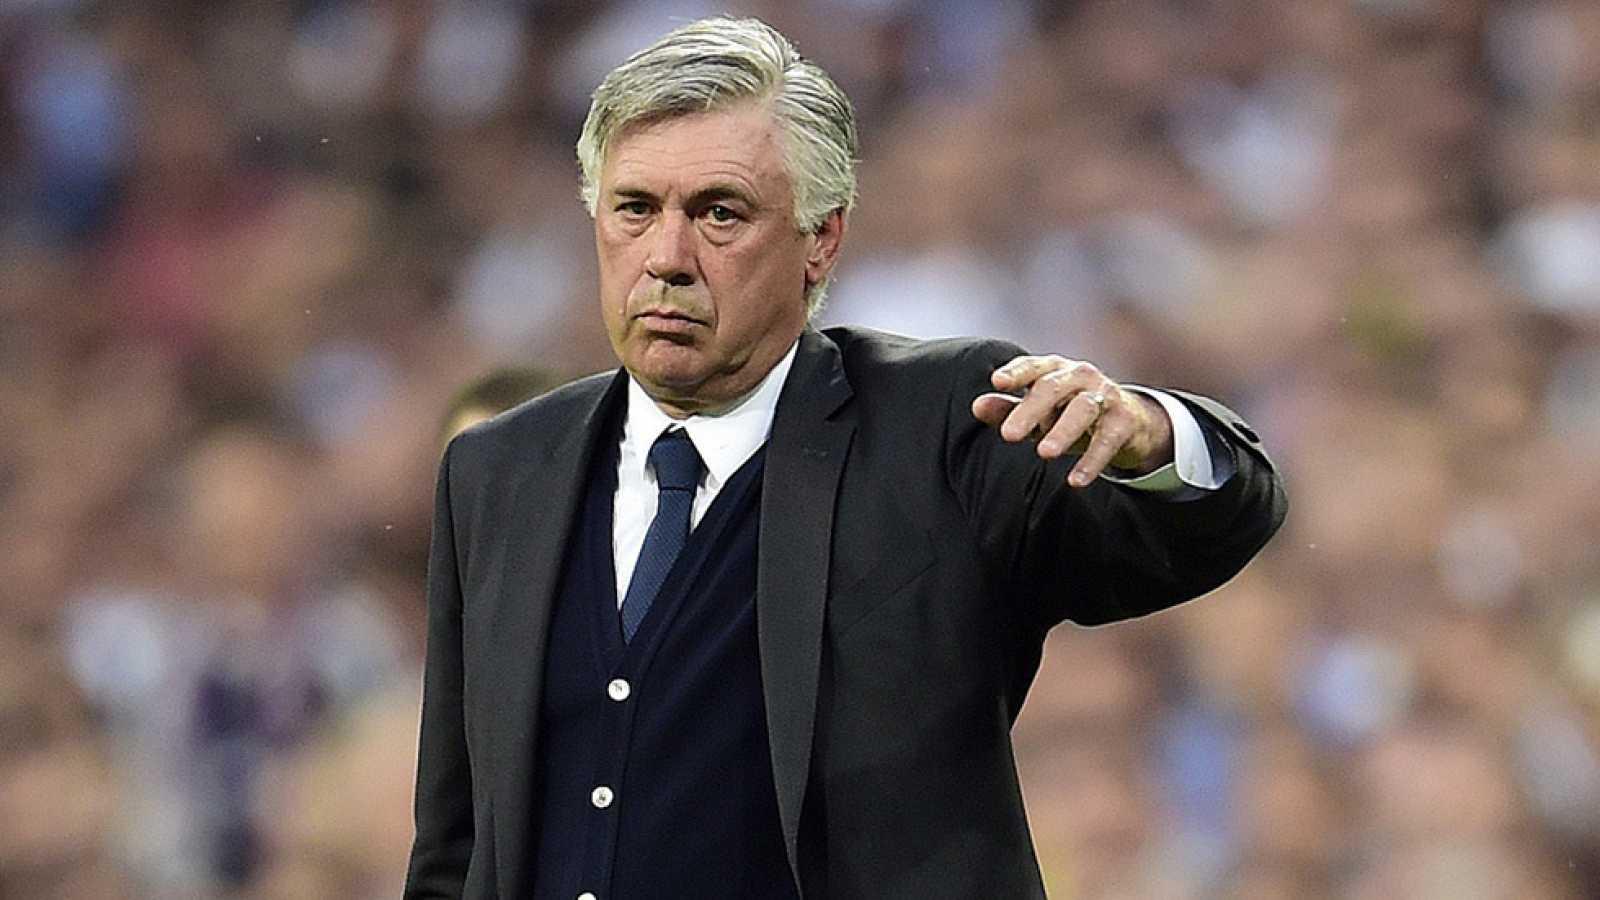 """Real Madrid 1 - Juventus 1   Champions League   Ancelotti: """"Mi futuro lo he  decidido, me gustaría quedarme aquí"""" - RTVE.es"""